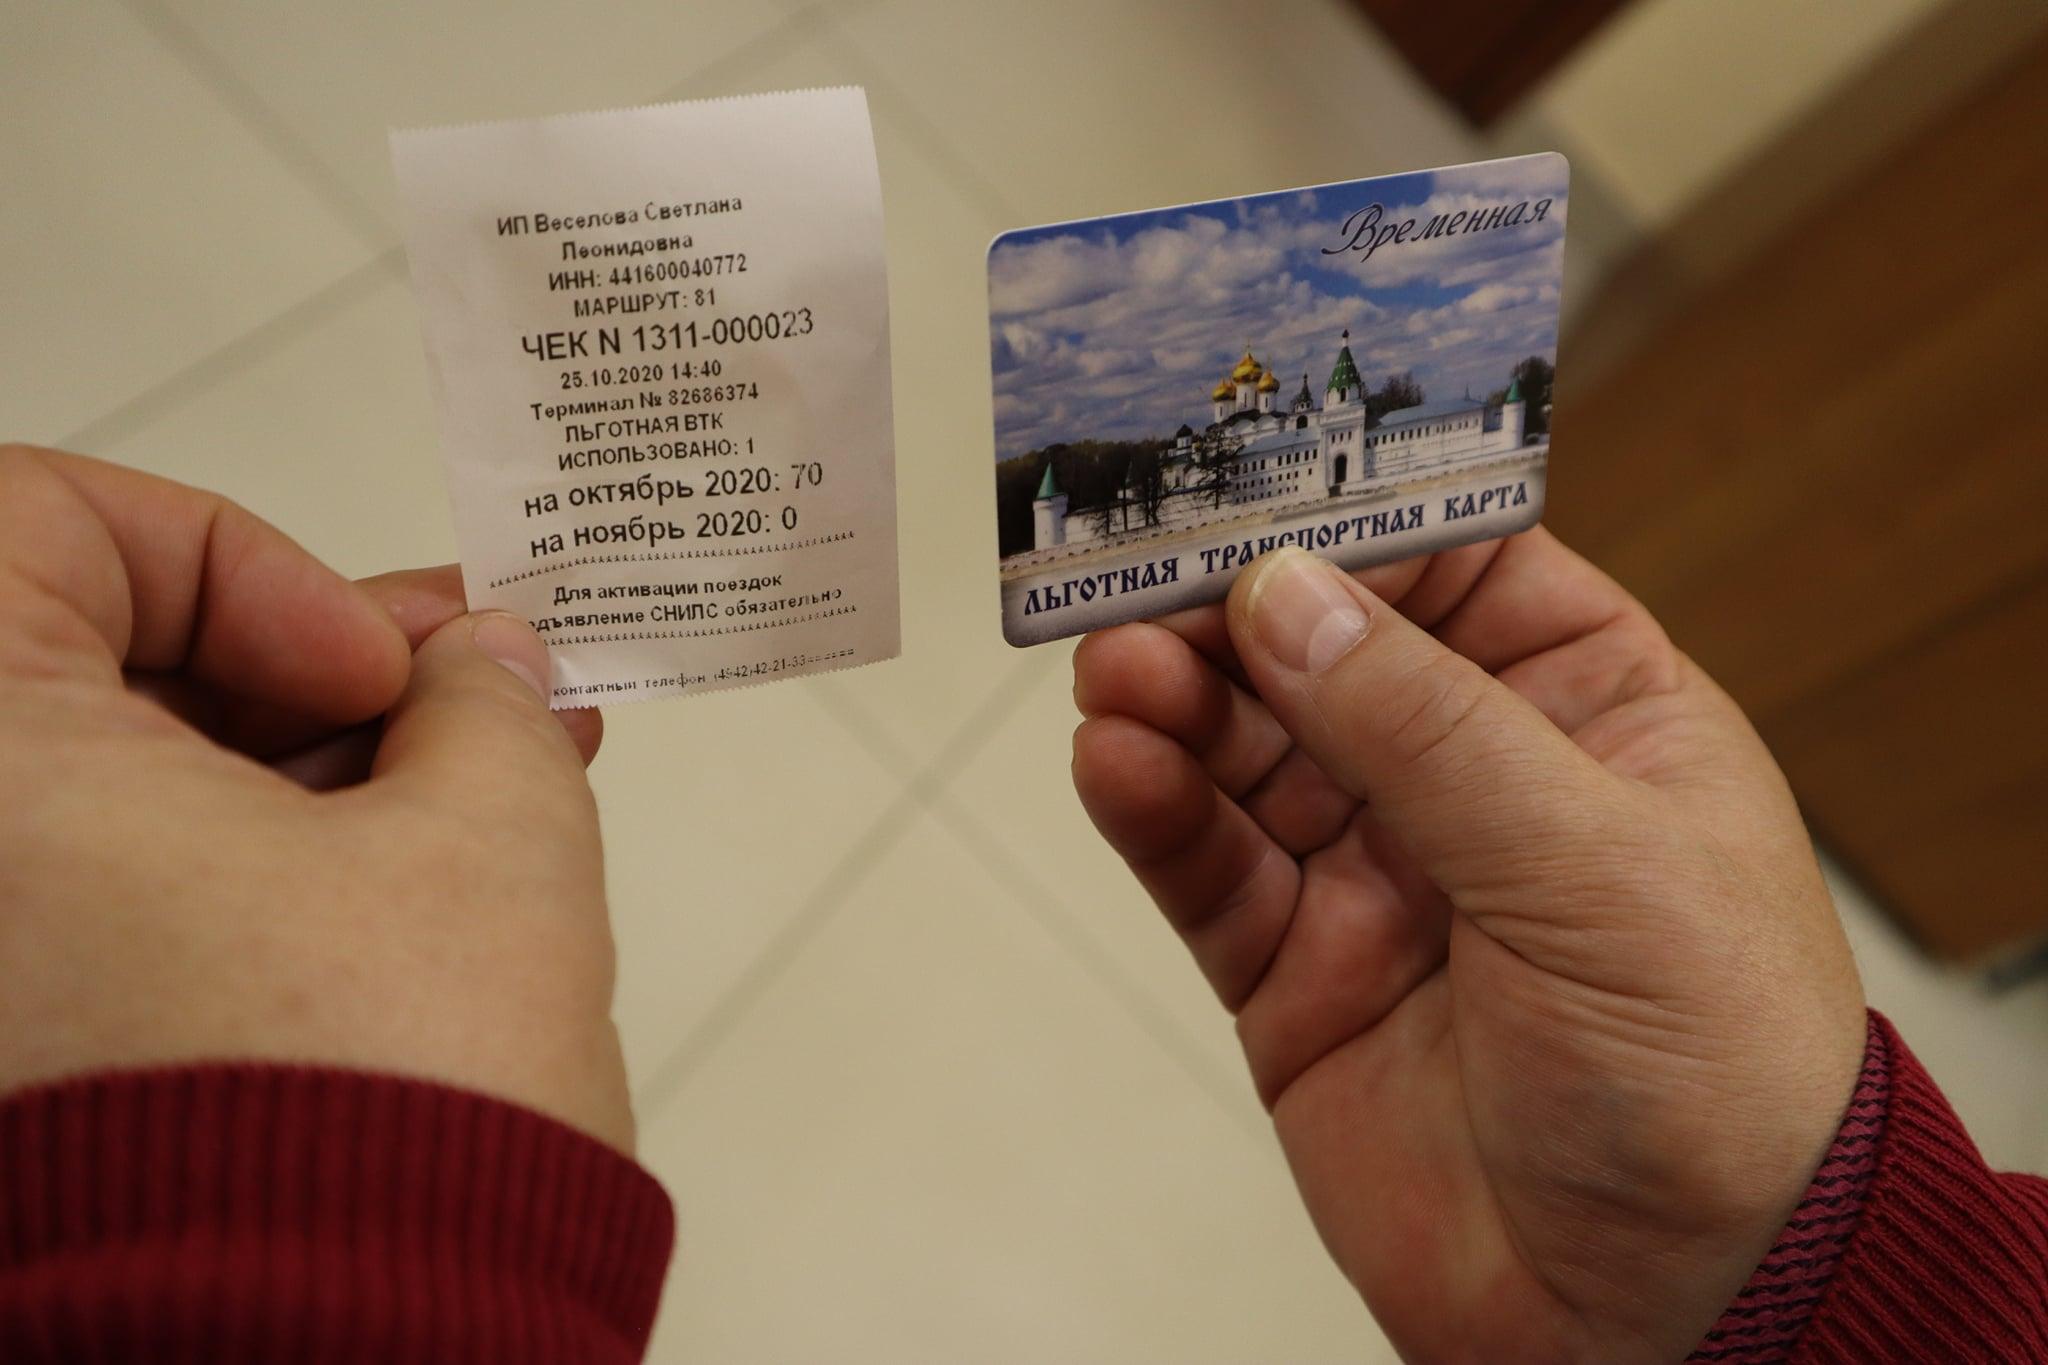 Костромским льготникам все неиспользованные поездки «автоматом» перенесут на следующий год